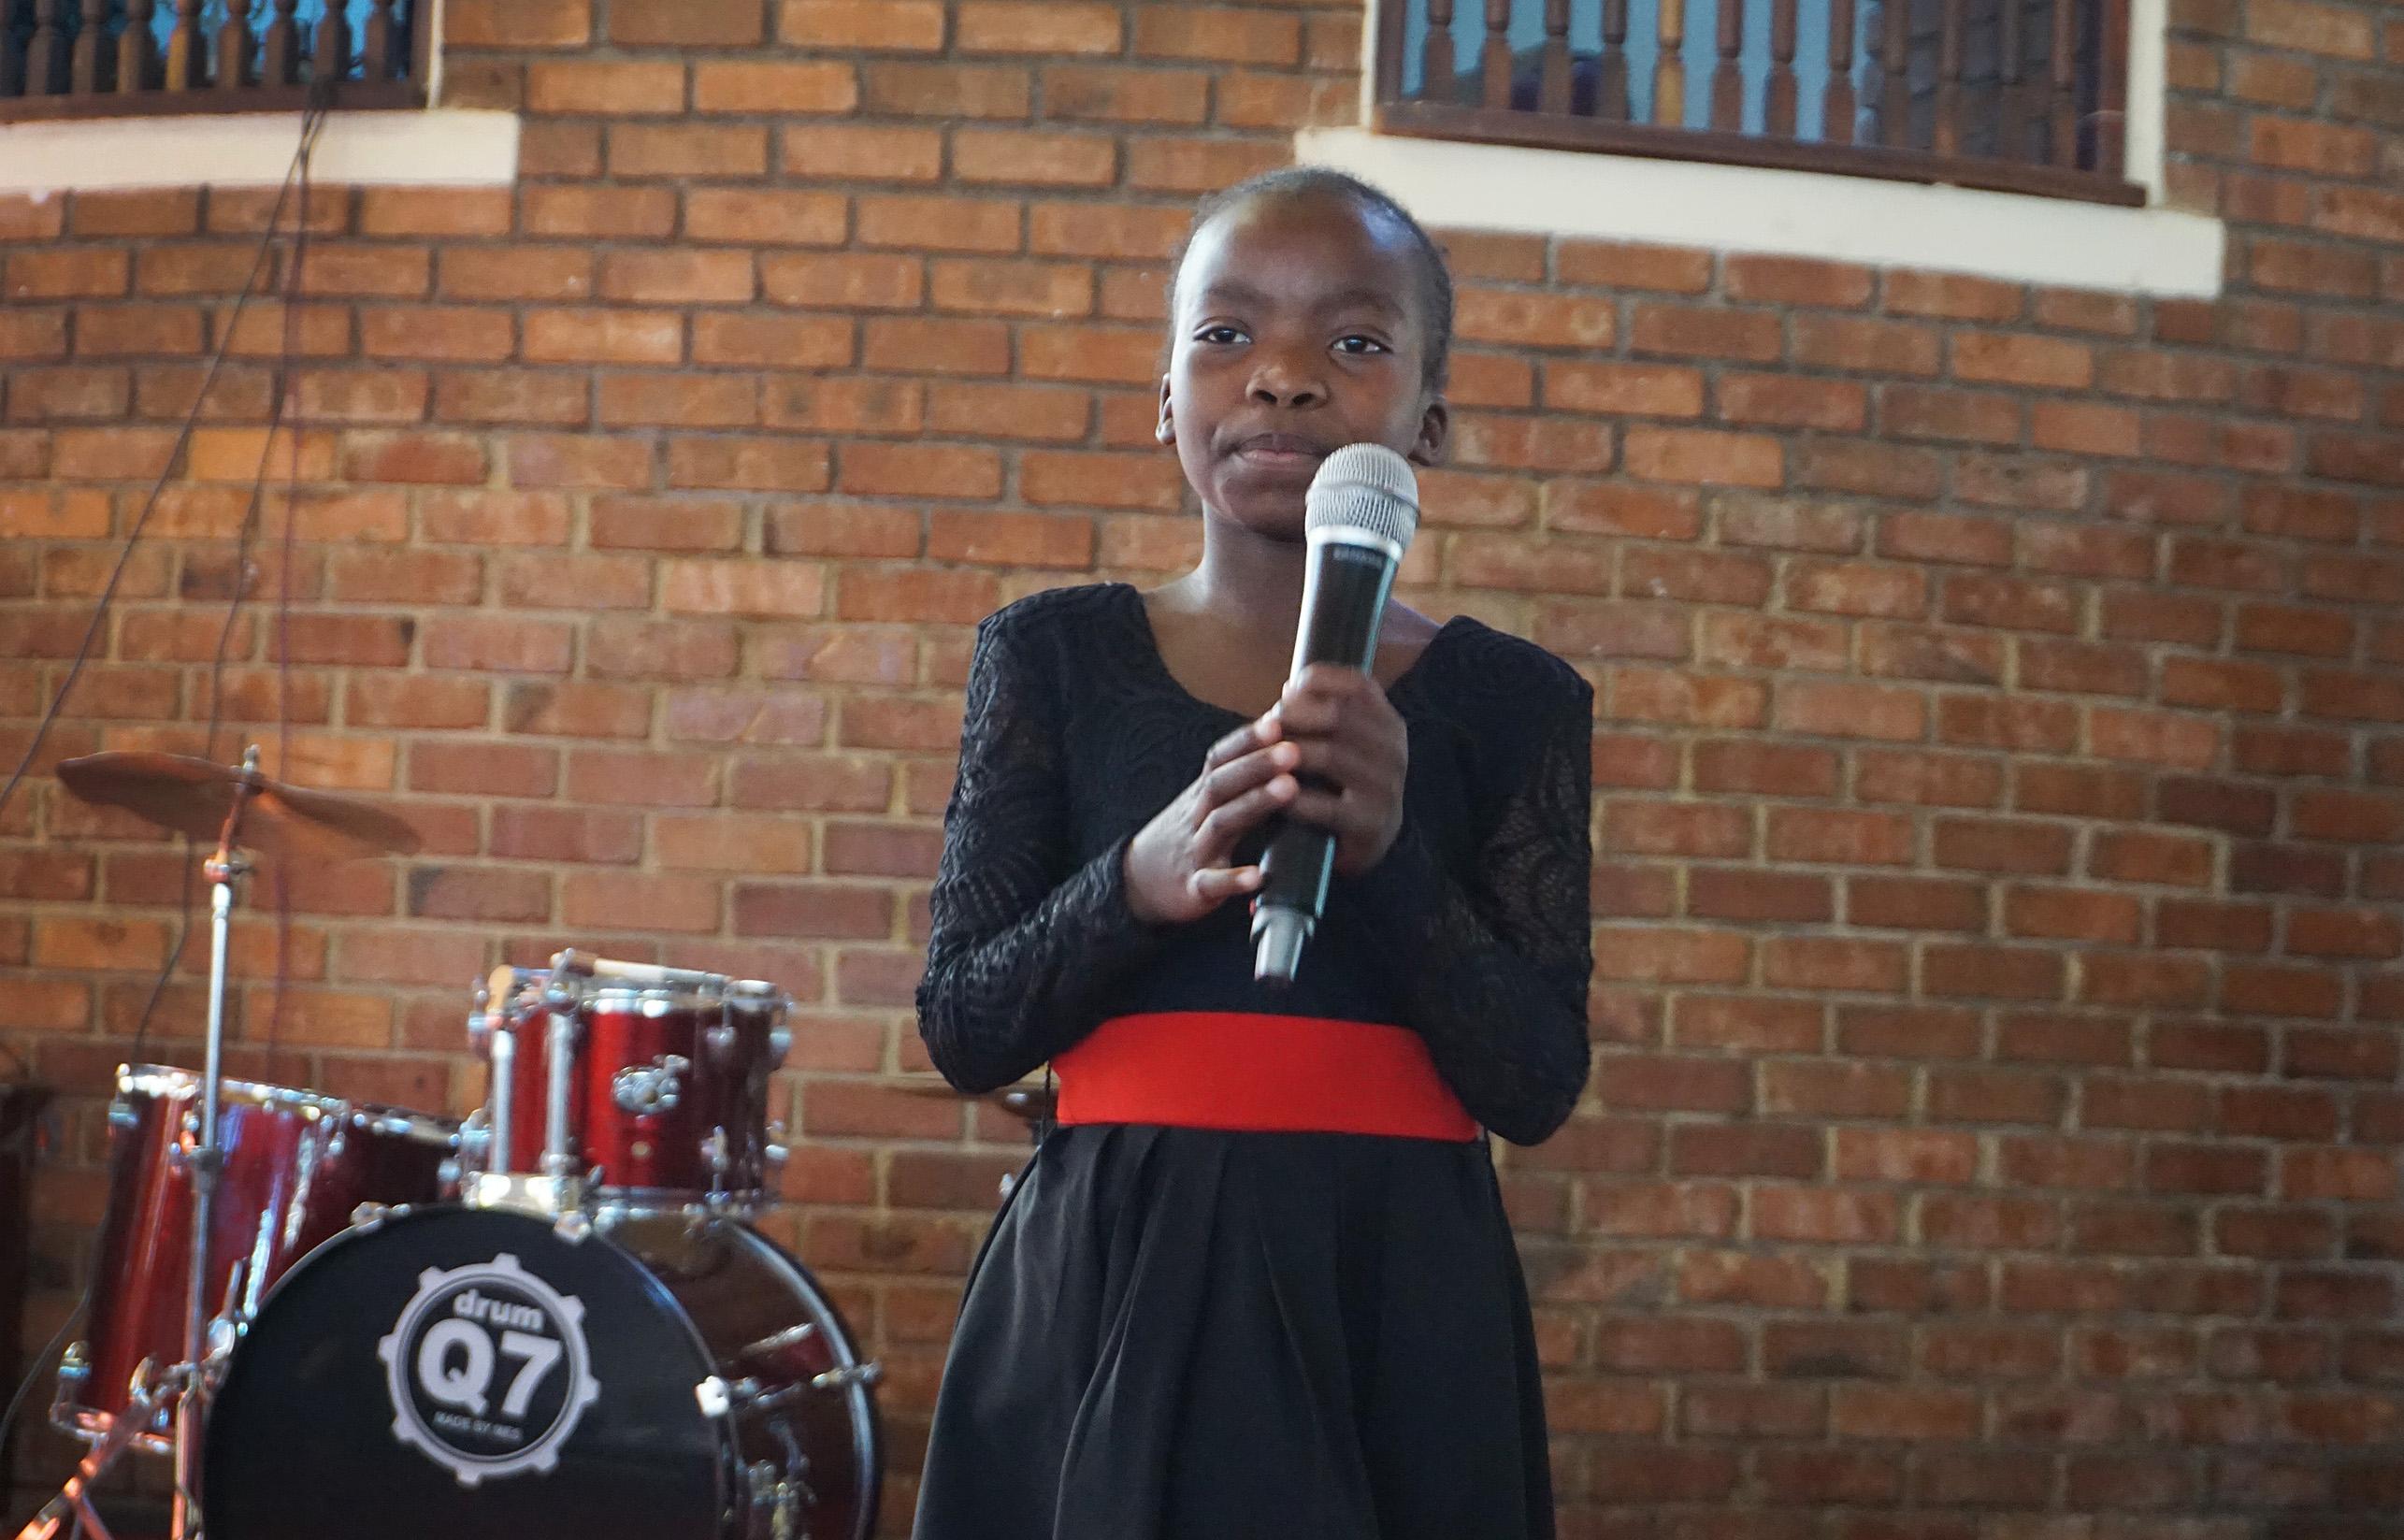 Britney Sadete, dix ans, se produit à l'église Méthodiste Unie de Cranborne à Harare, au Zimbabwe, lors du festival annuel « L'Eglise Méthodiste Unie A Un Talent », organisé dans la Région épiscopale du Zimbabwe, le 28 juillet 2019. Britney, qui a remporté la première place dans la catégorie des moins de 12 ans et la deuxième place au classement général, a récemment sorti son premier album. Photo de Kudzai Chingwe, UM News.